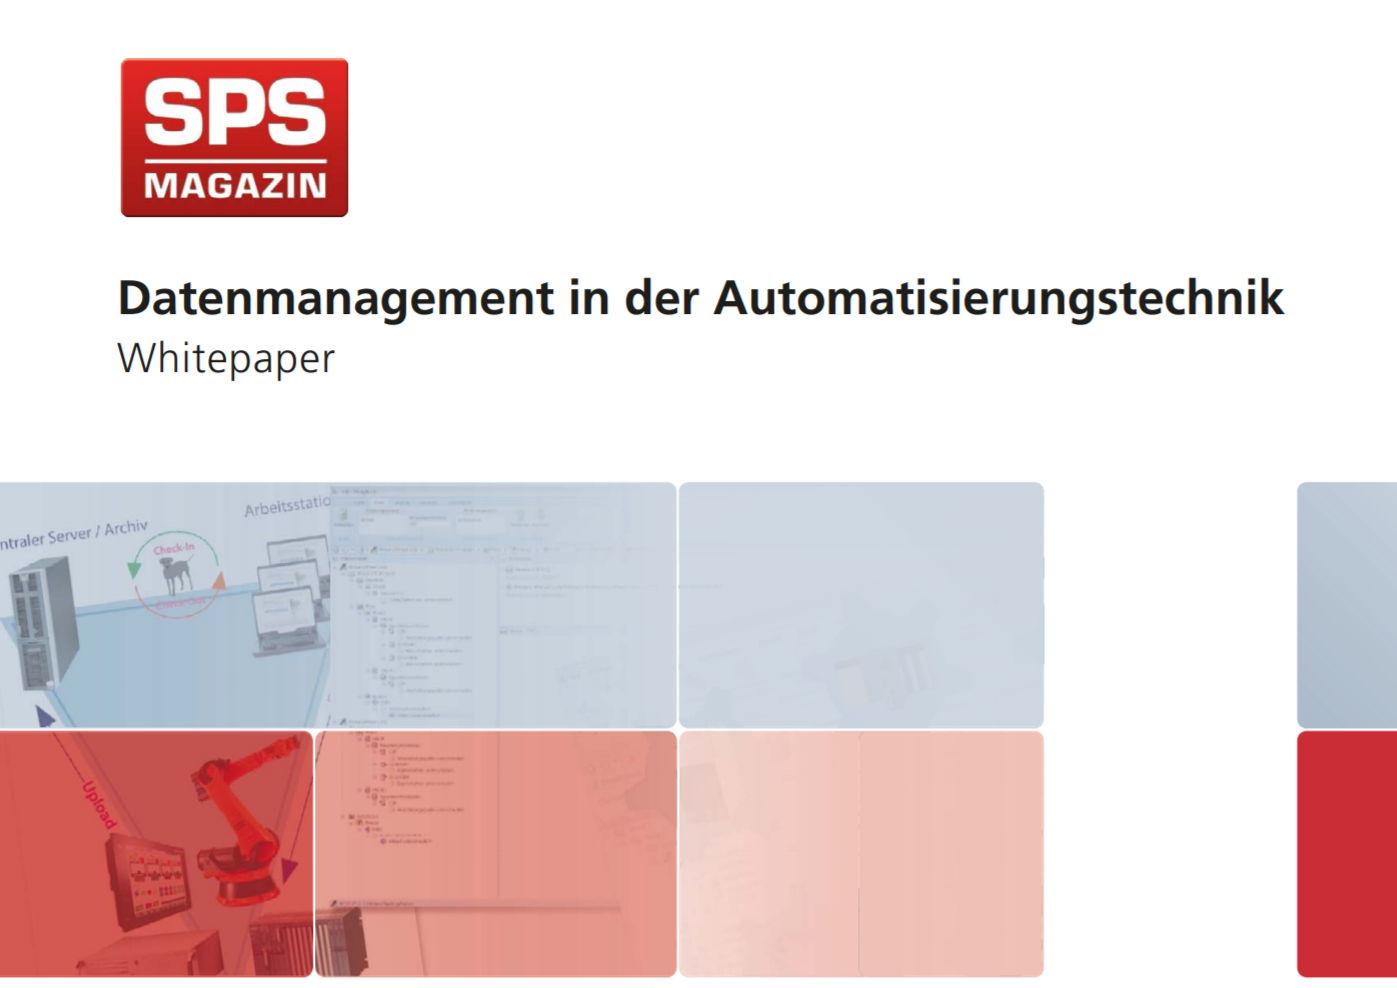 Datenmanagement in der Automatisierungstechnik